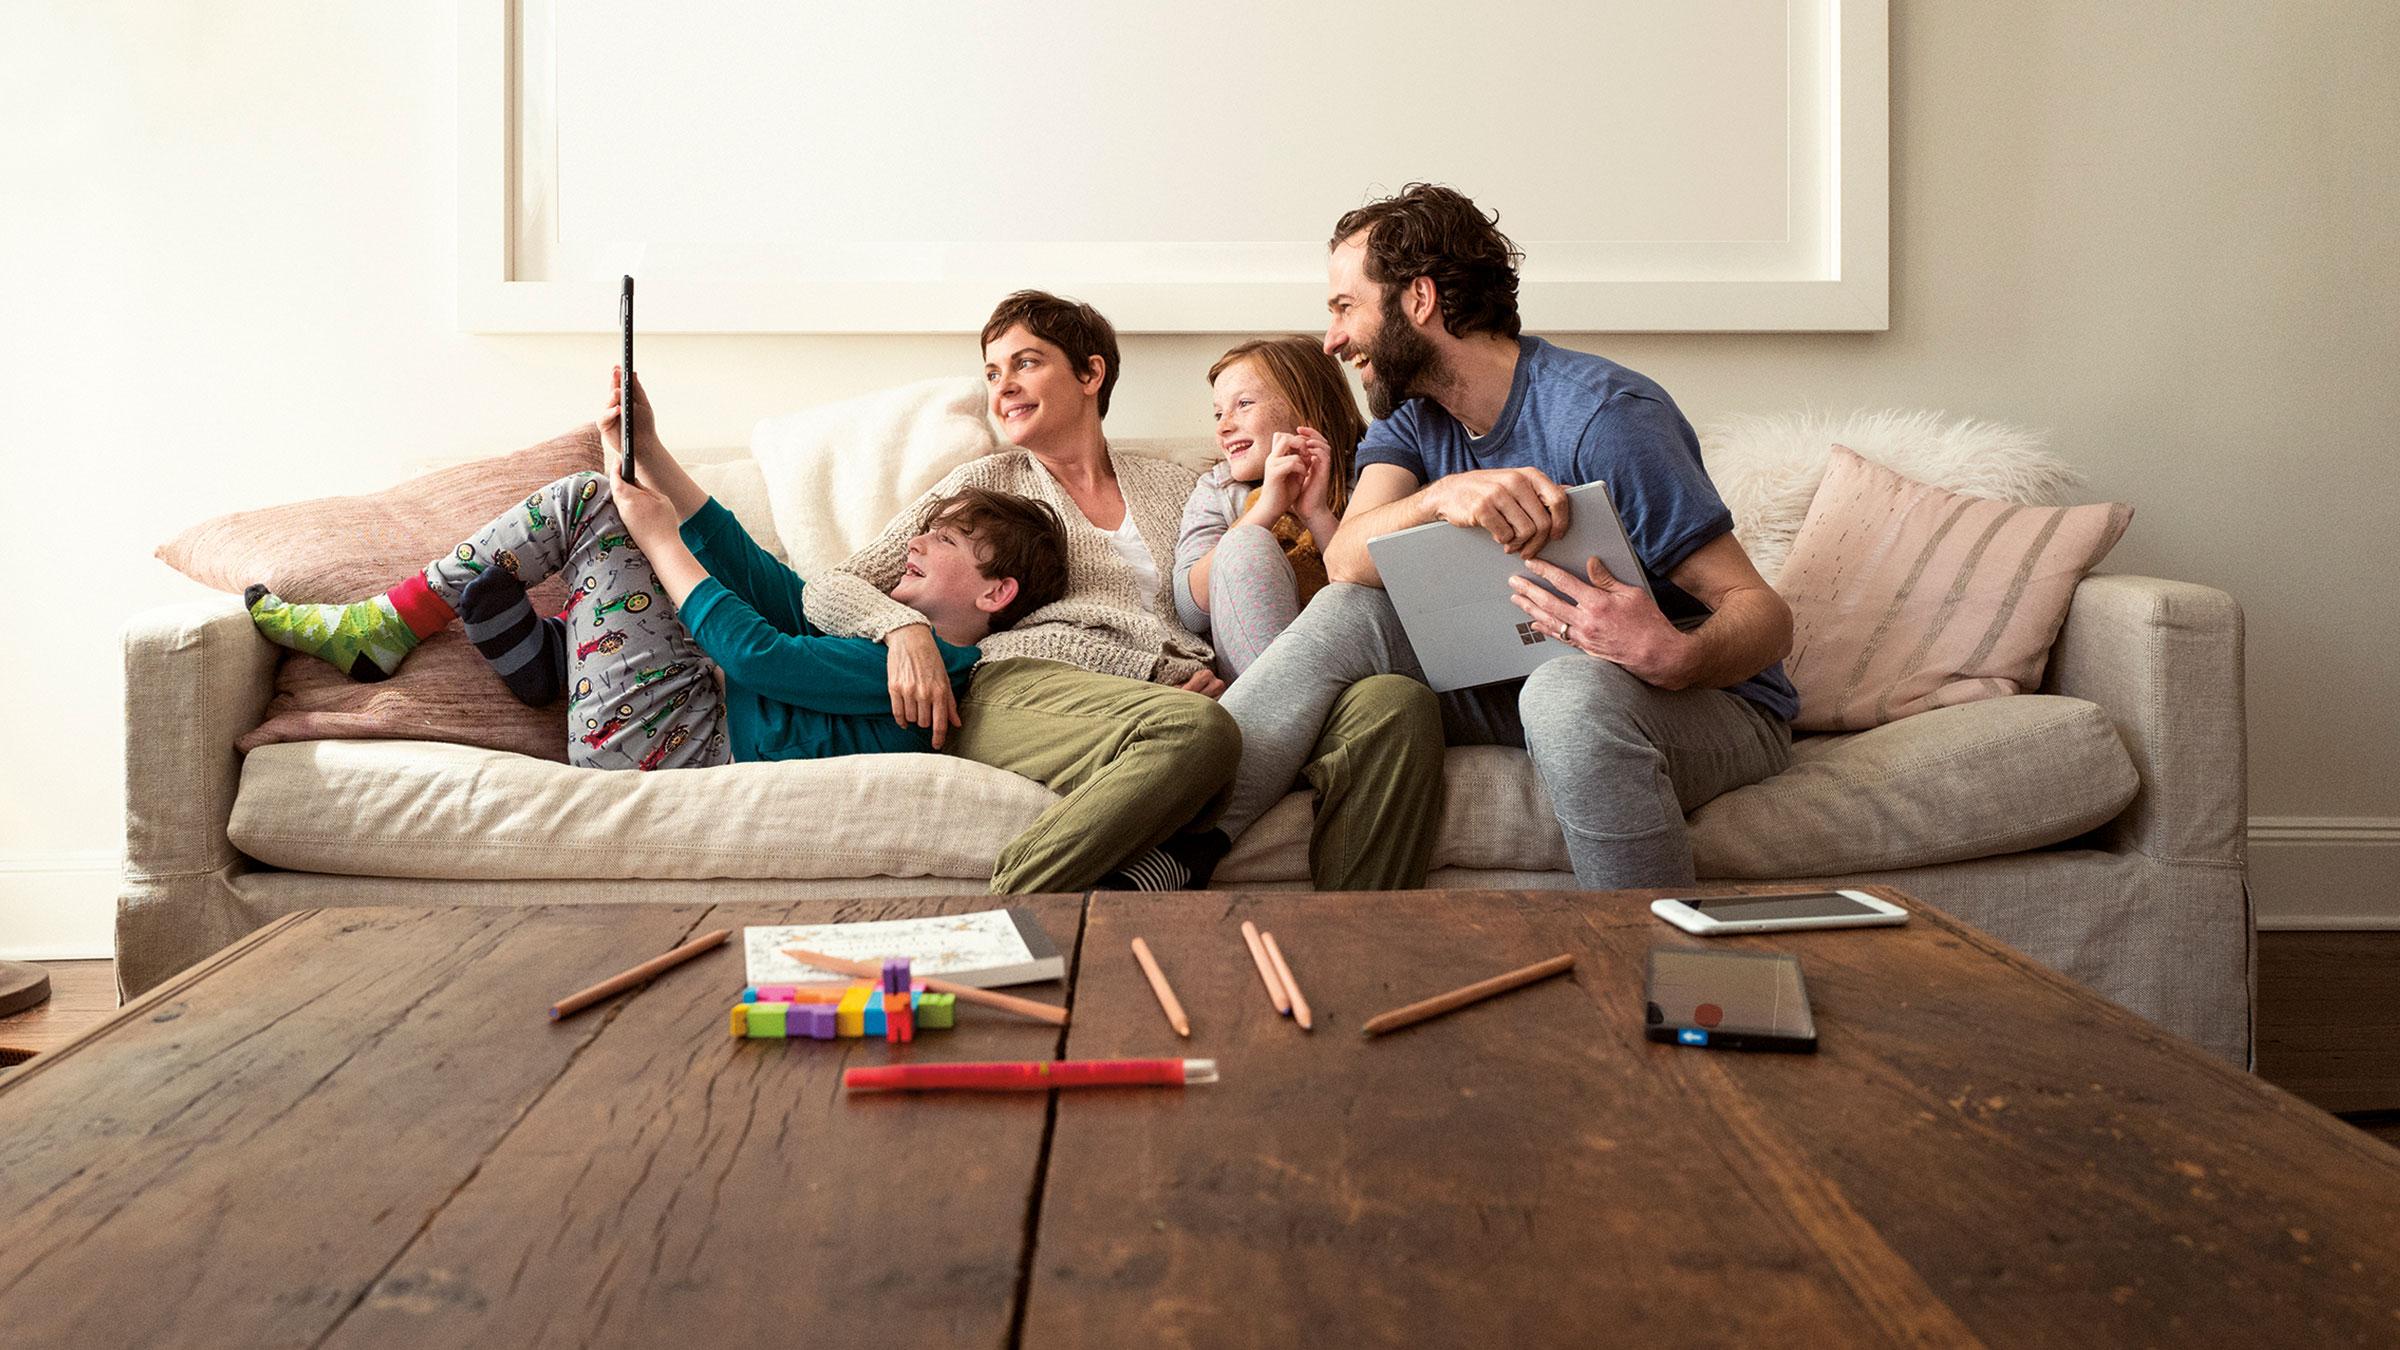 Familie pe canapea, uitându-se la un dispozitiv Microsoft Surface Pro